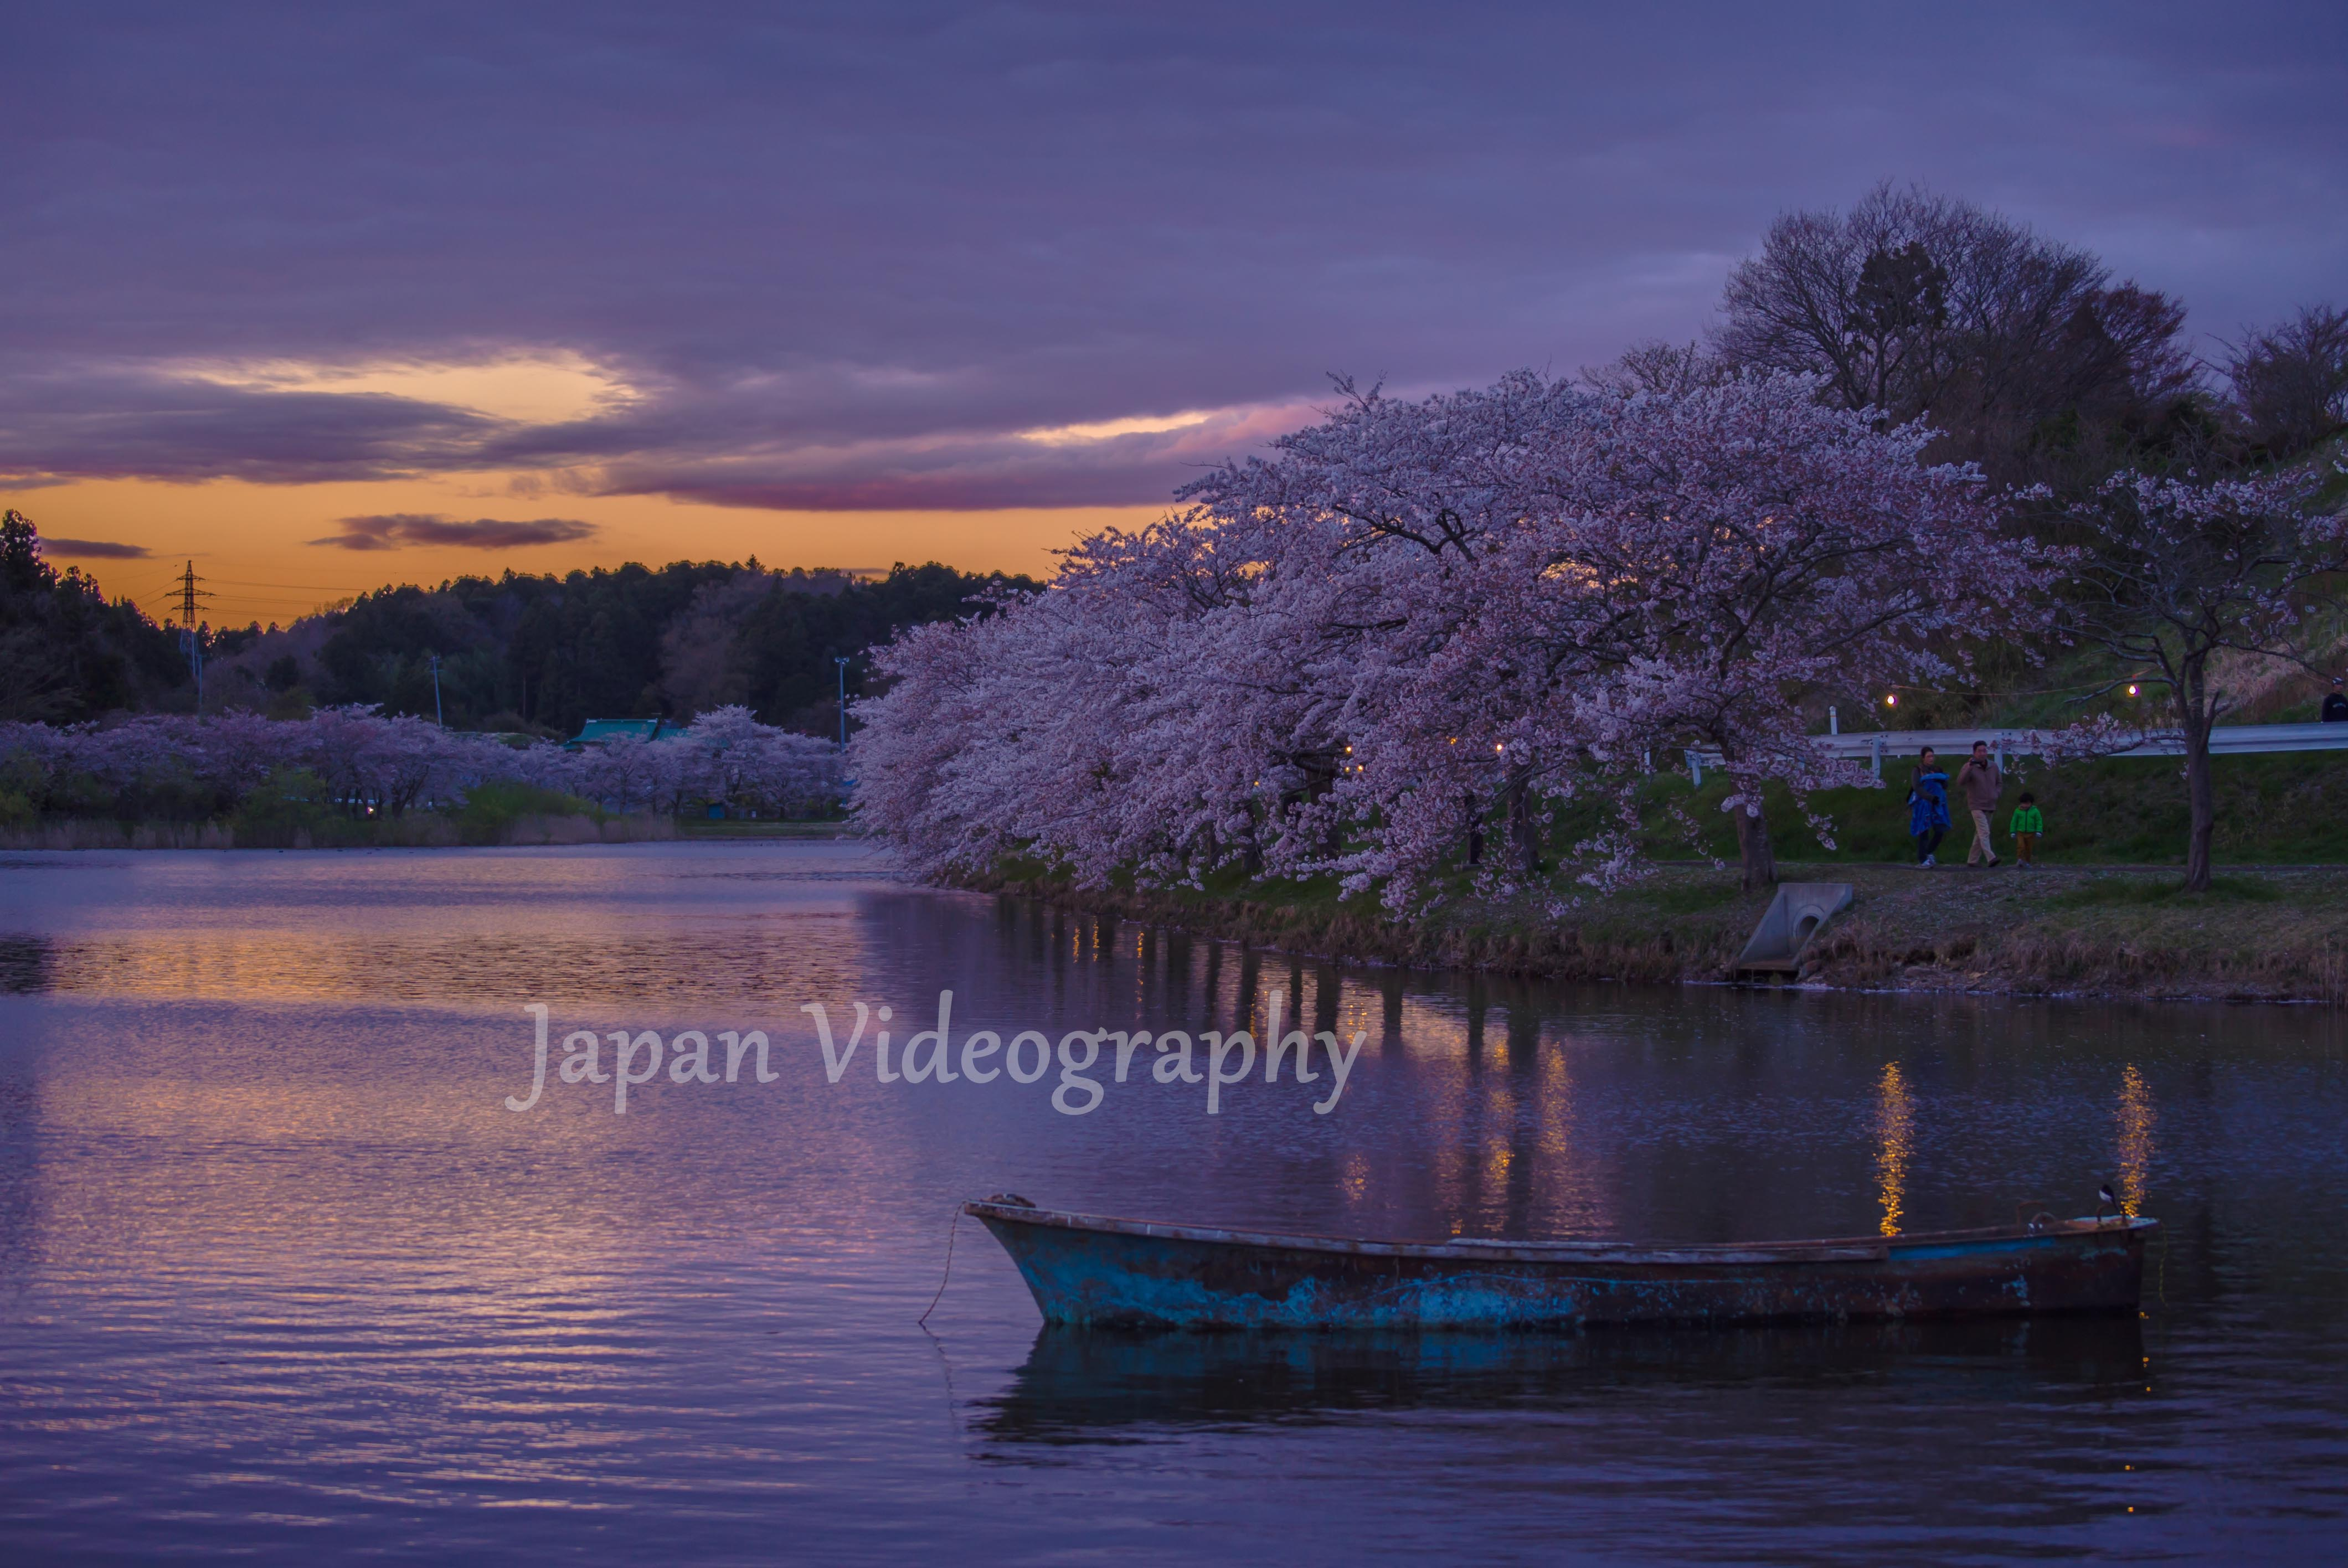 夕暮れの平筒沼-宮城県登米市のお花見スポット